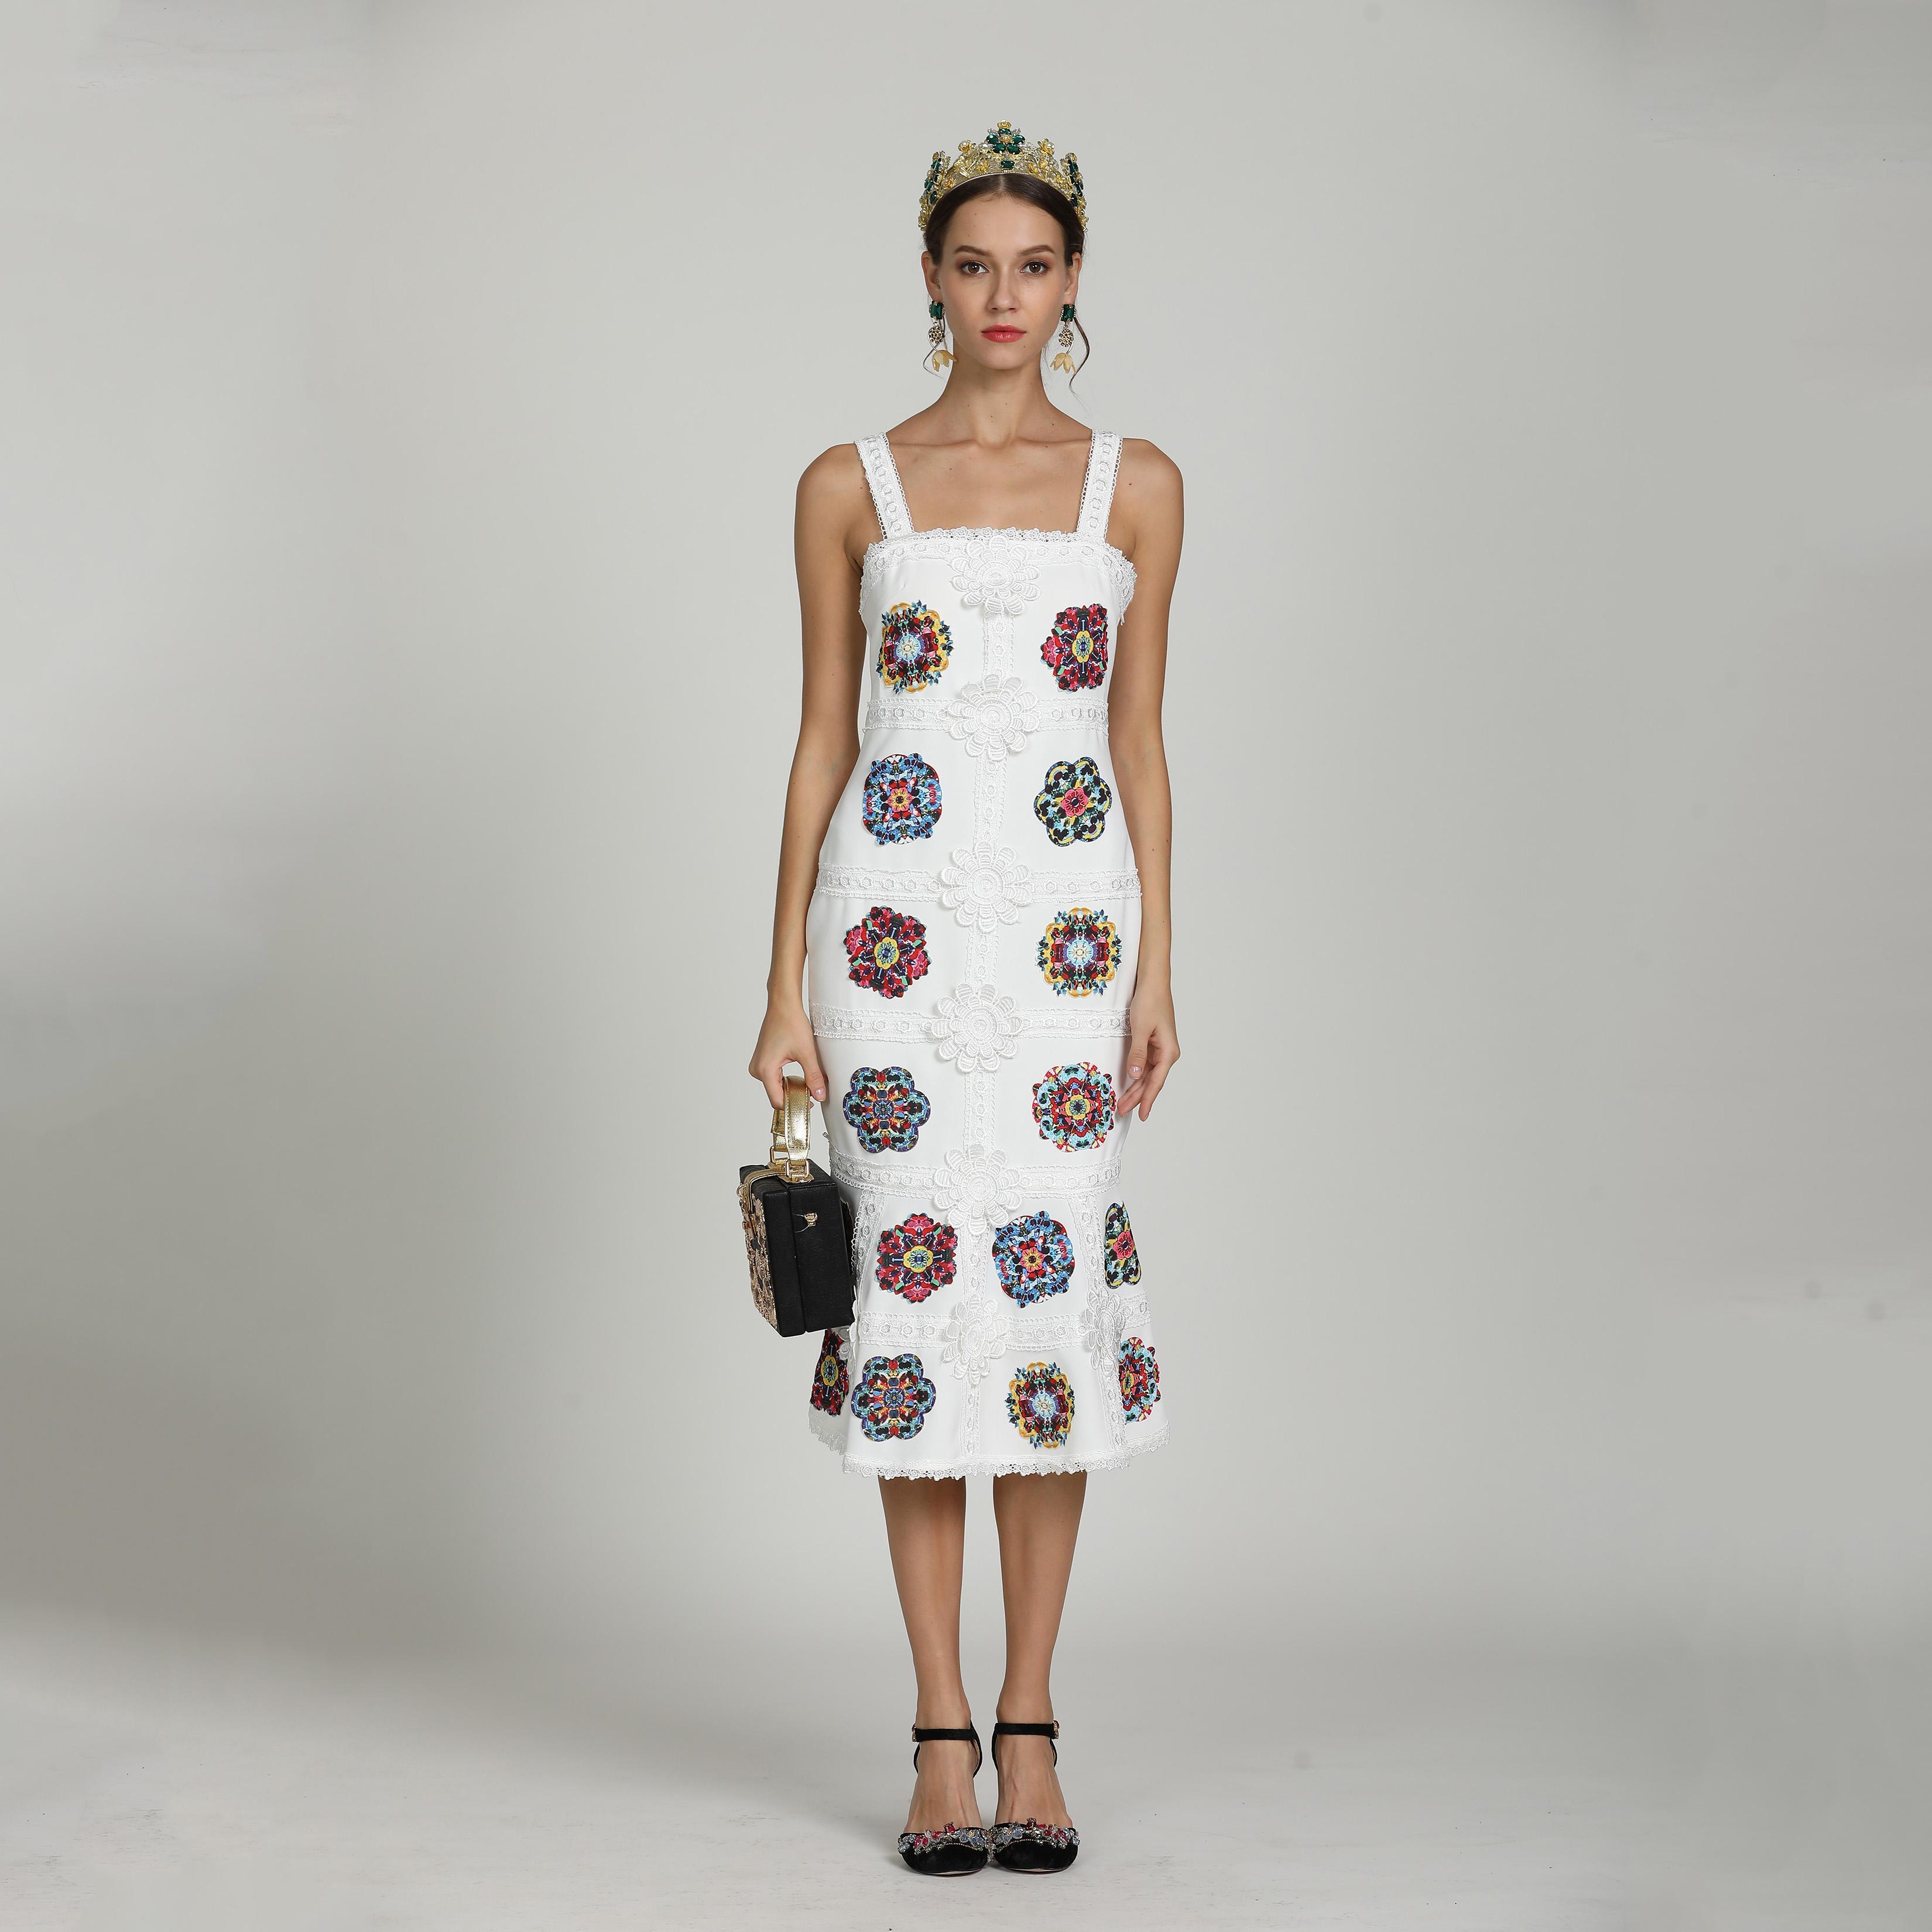 6014a94268e010 Großhandel 2019 Sommer Marke Designer Meerjungfrau Kleid Sexy Runway Frauen  Kleidung Luxus Partykleid Stickerei Cocktailkleid Schwarz Weiß Von Jackhhh,  ...